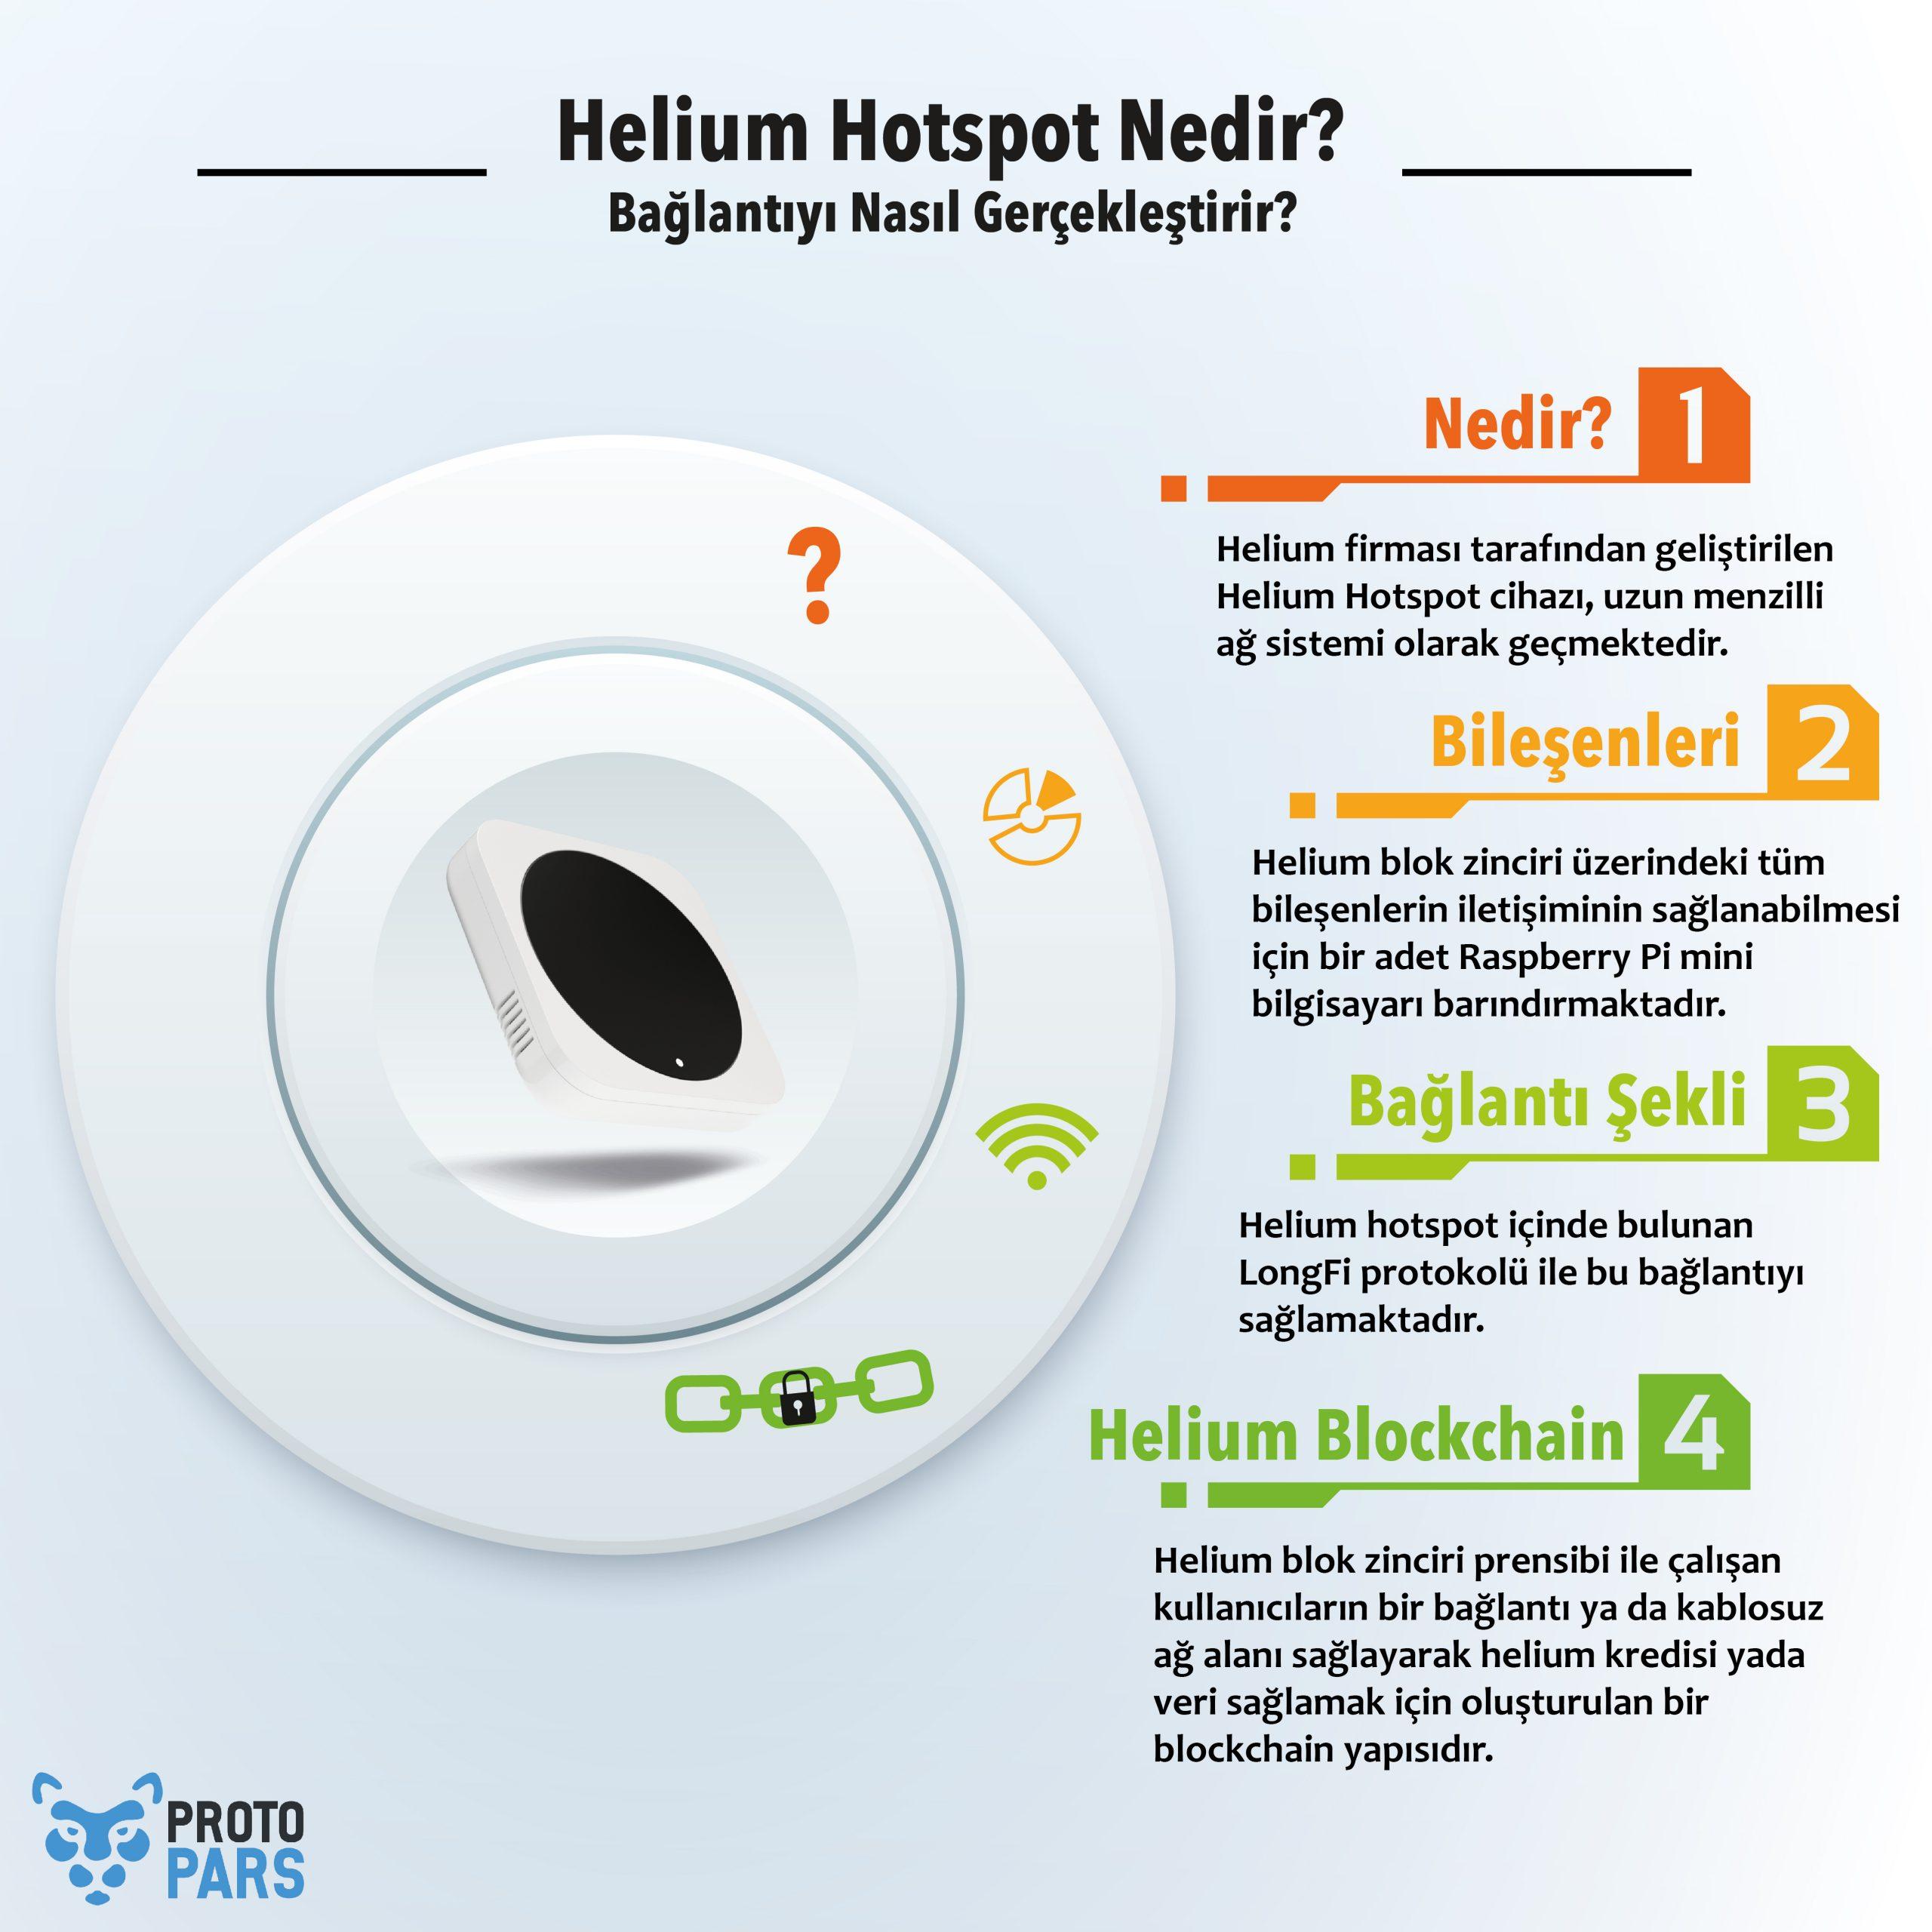 Helium Hotspot Nedir? Bağlantıyı Nasıl Gerçekleştirir?